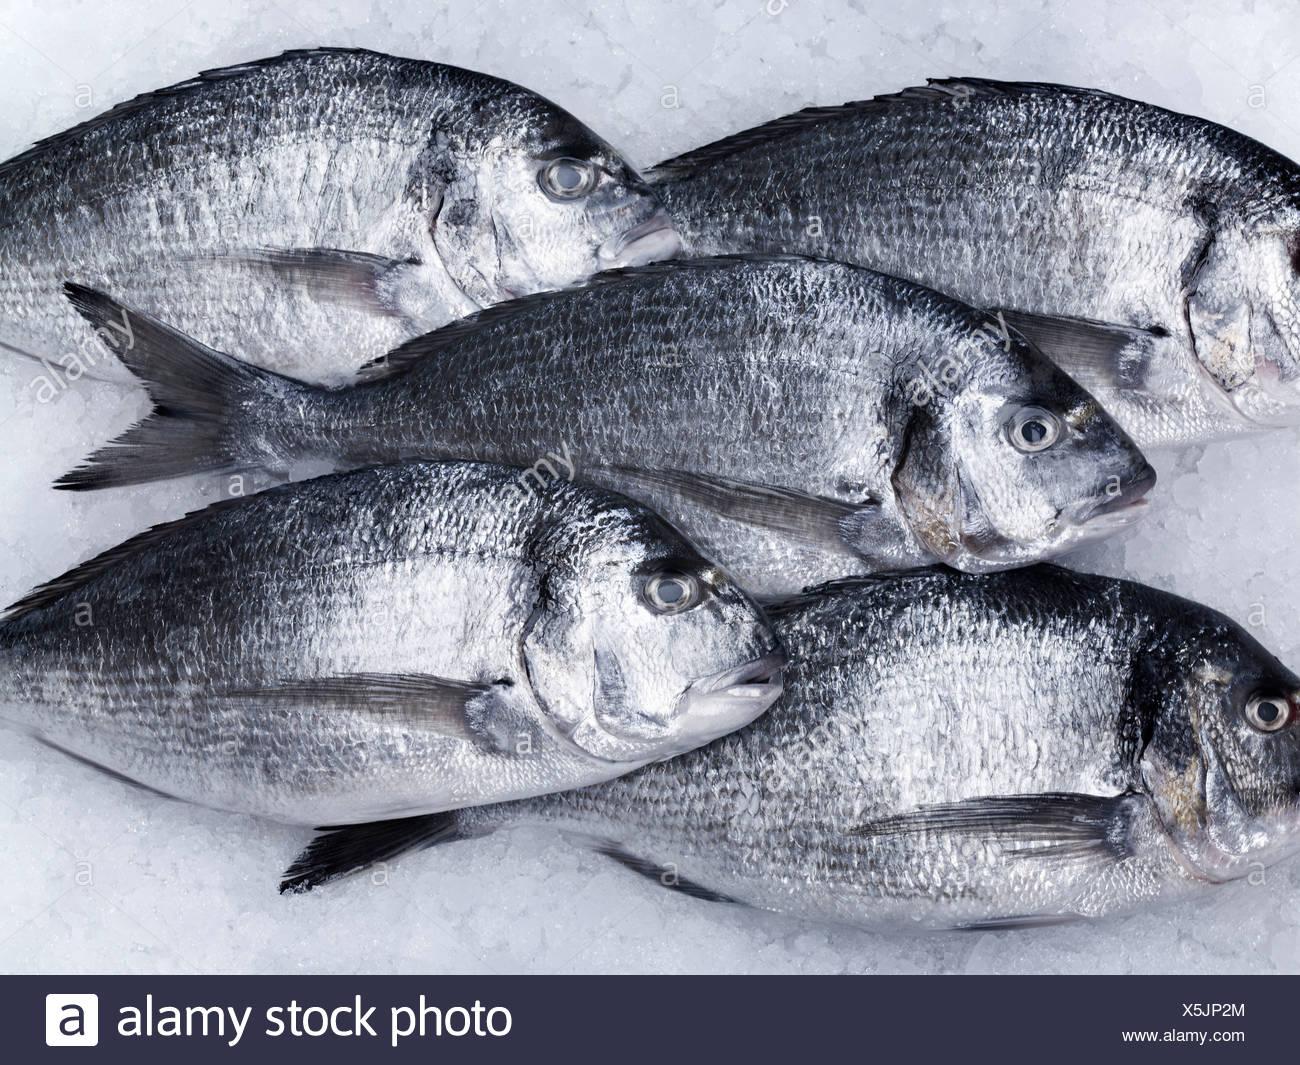 Los animales,cerrar,color,imagen,refrigeración peces muertos, pescado, pescado en hielo,5 animales,cinco objetos,formación,fresco,comida sana,alta Imagen De Stock